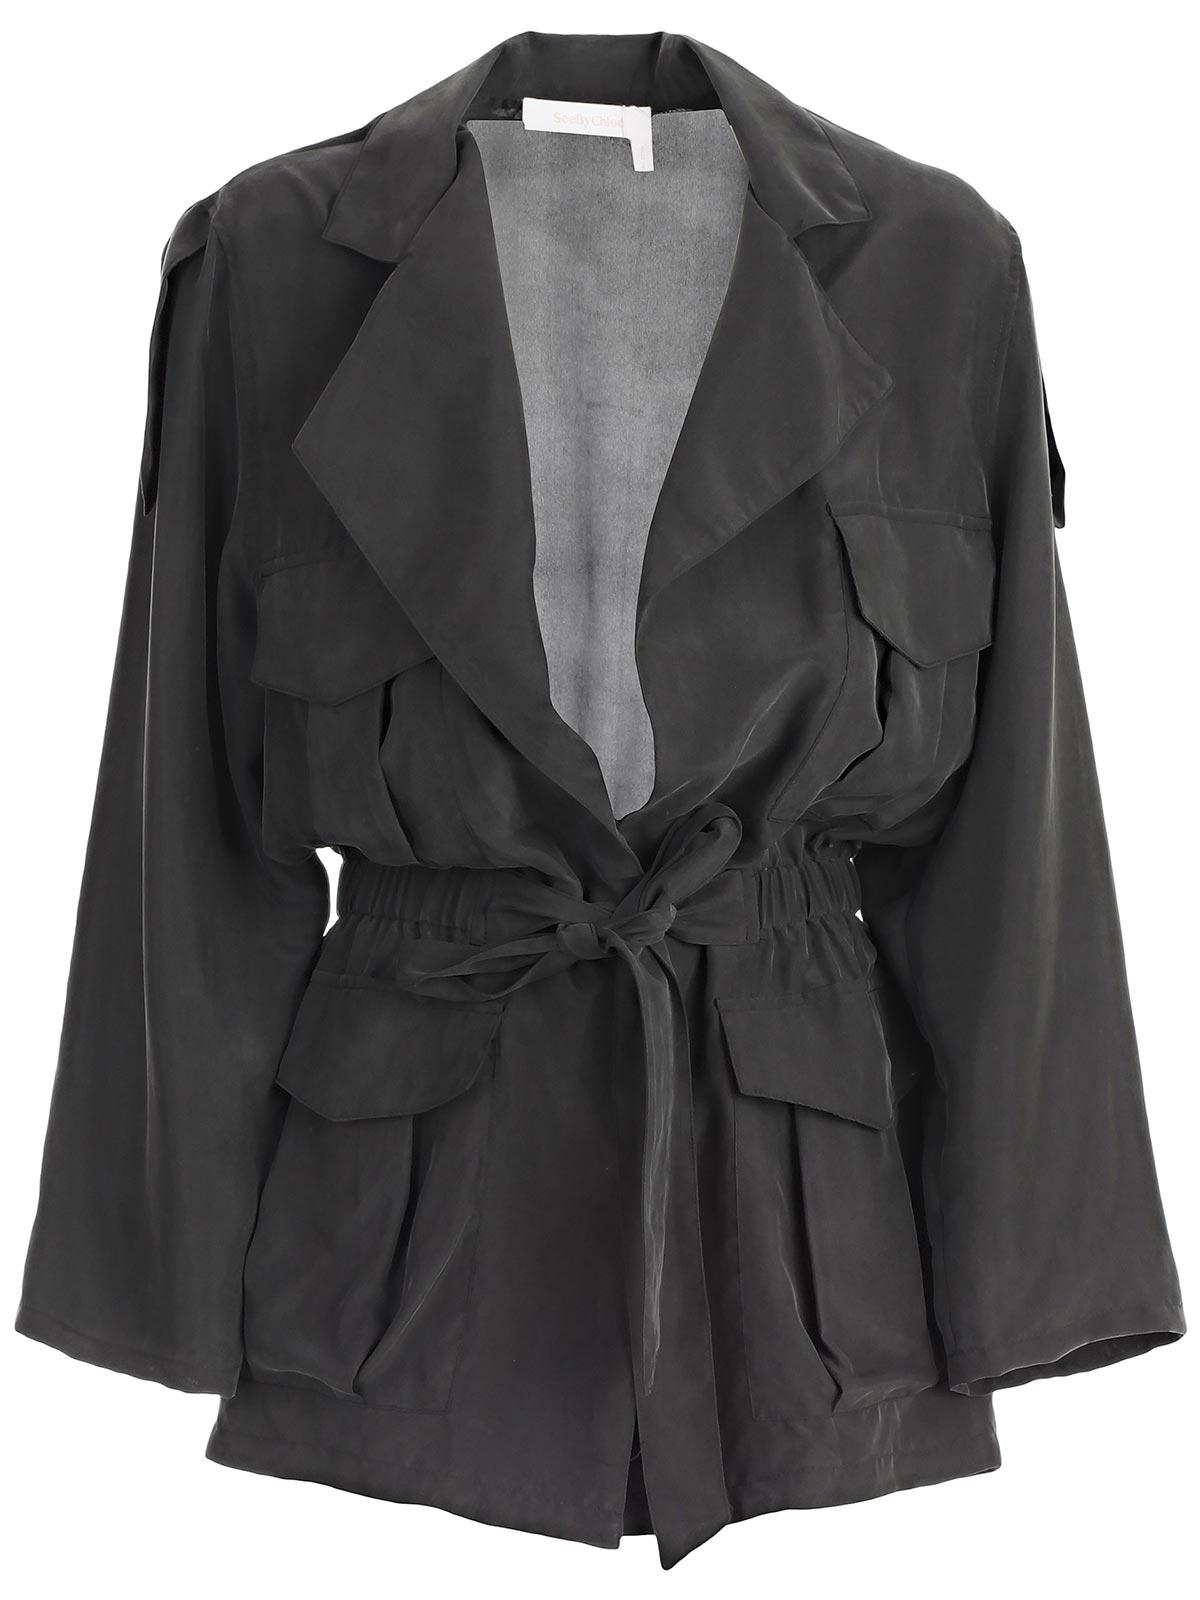 Picture of Seebychloe Jacket